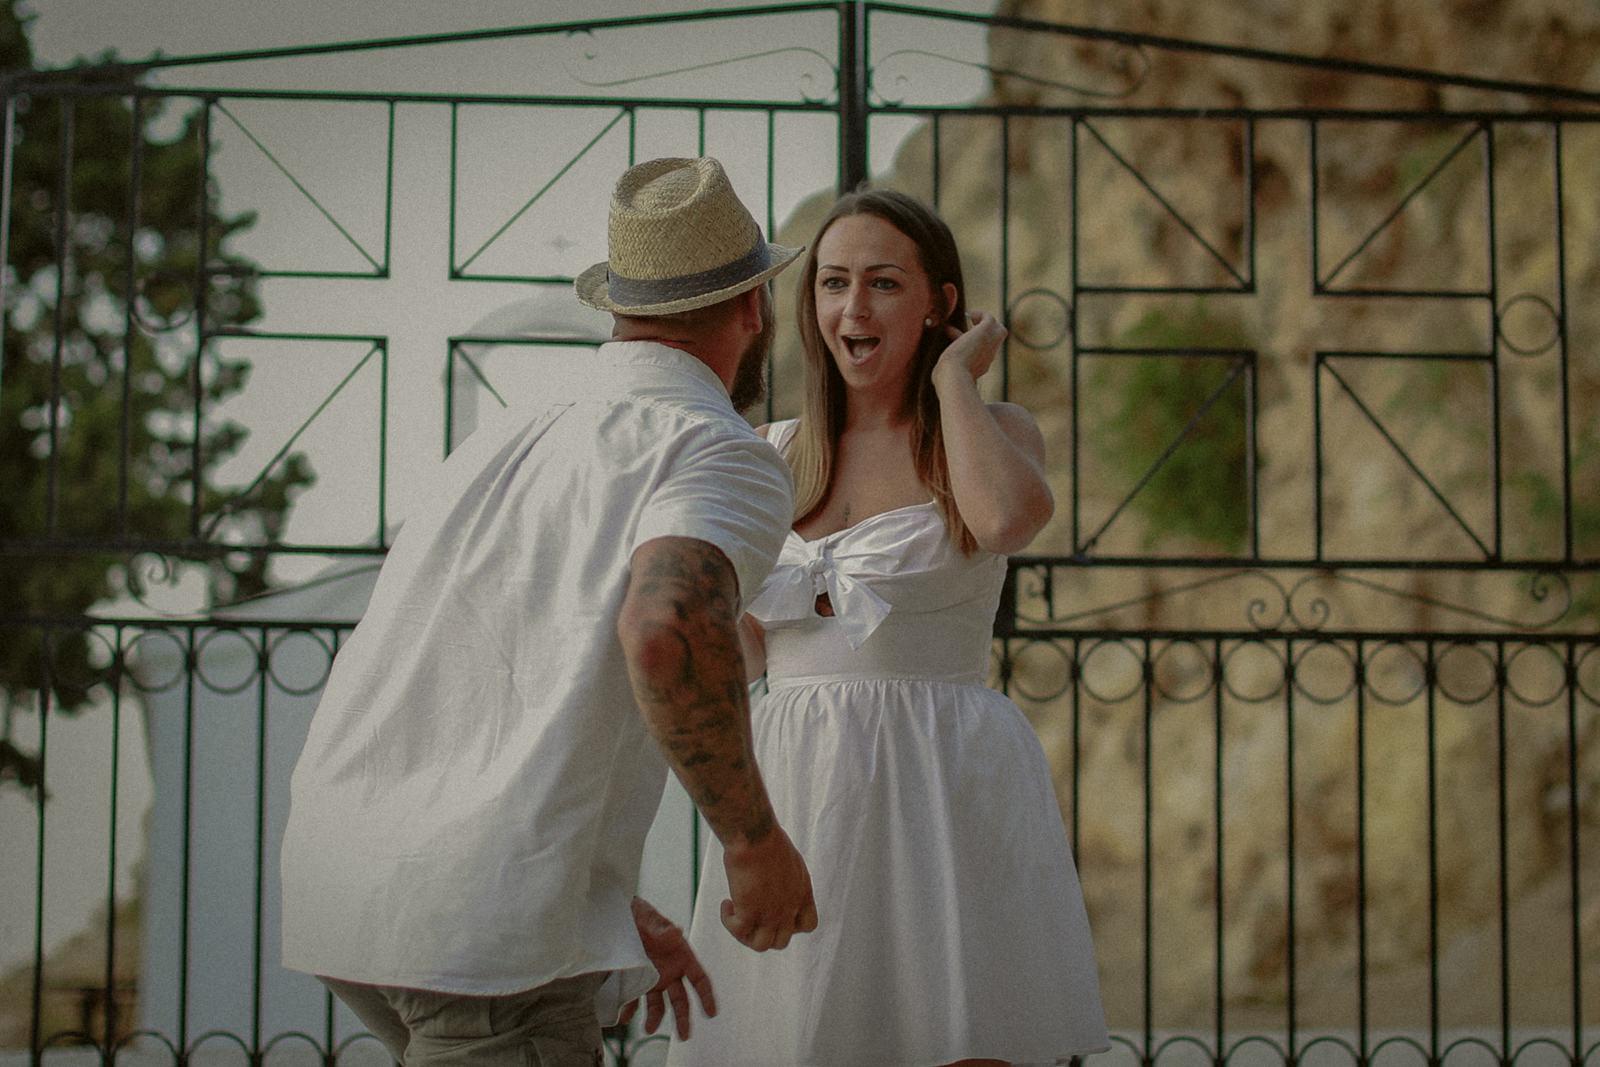 Keith & Jayne's wedding proposal